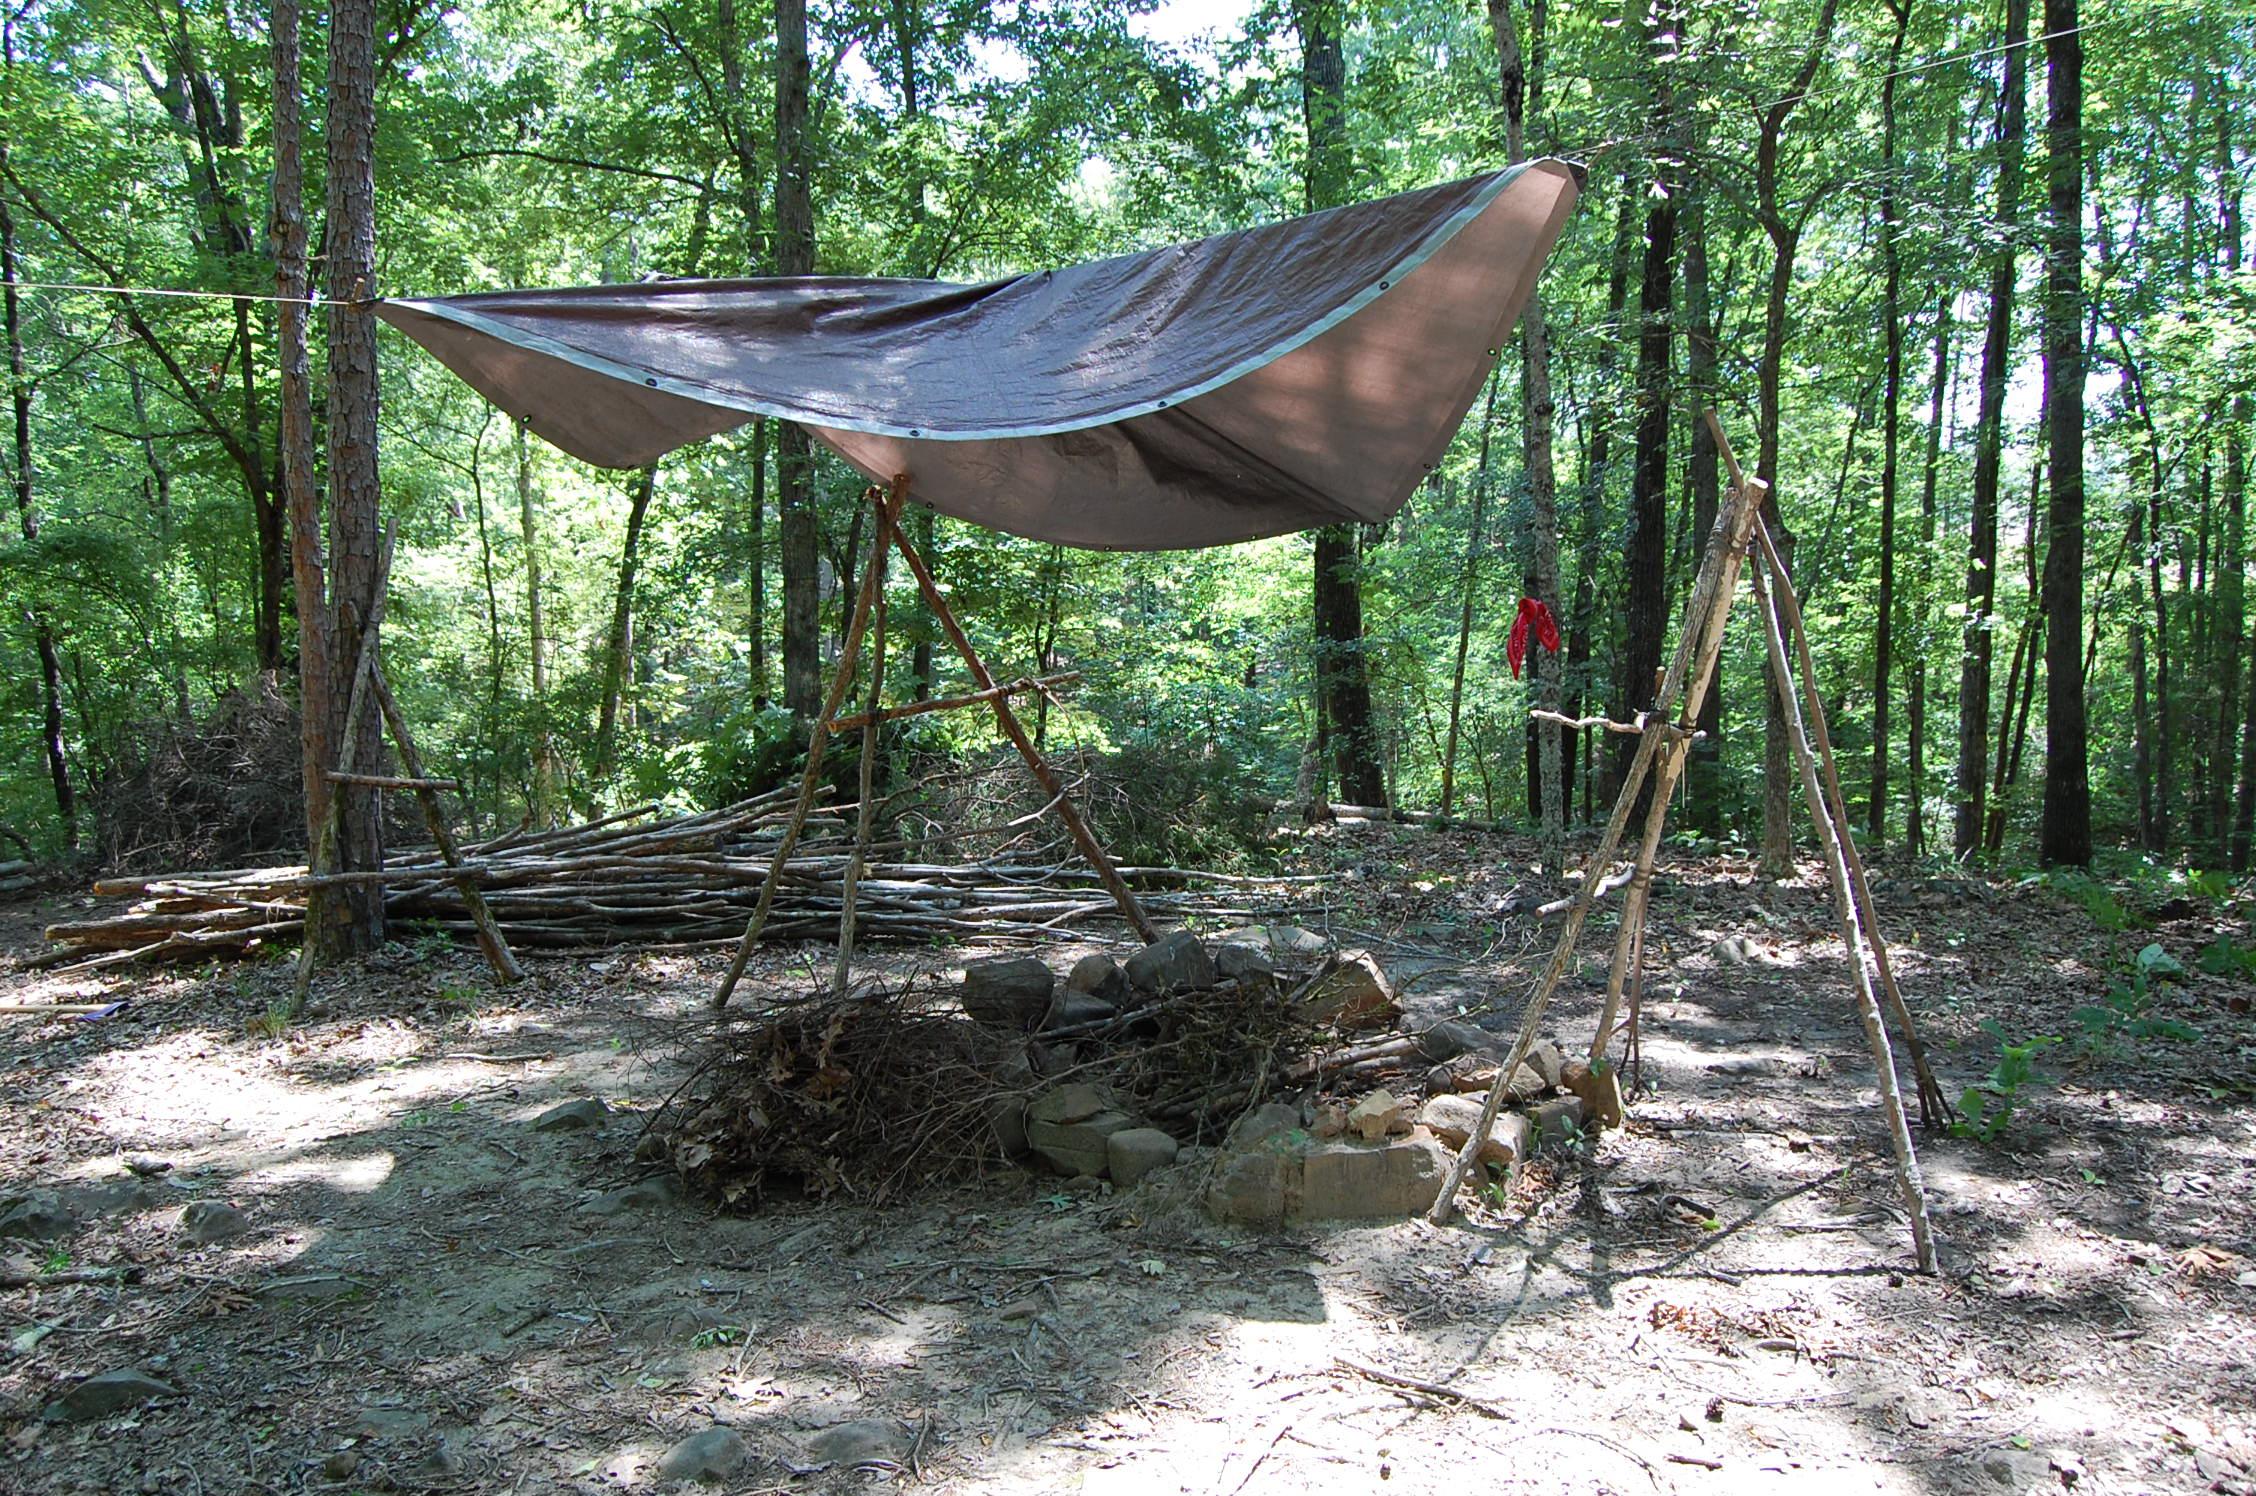 Trail Blazer teaches survival, wilderness skills for kids